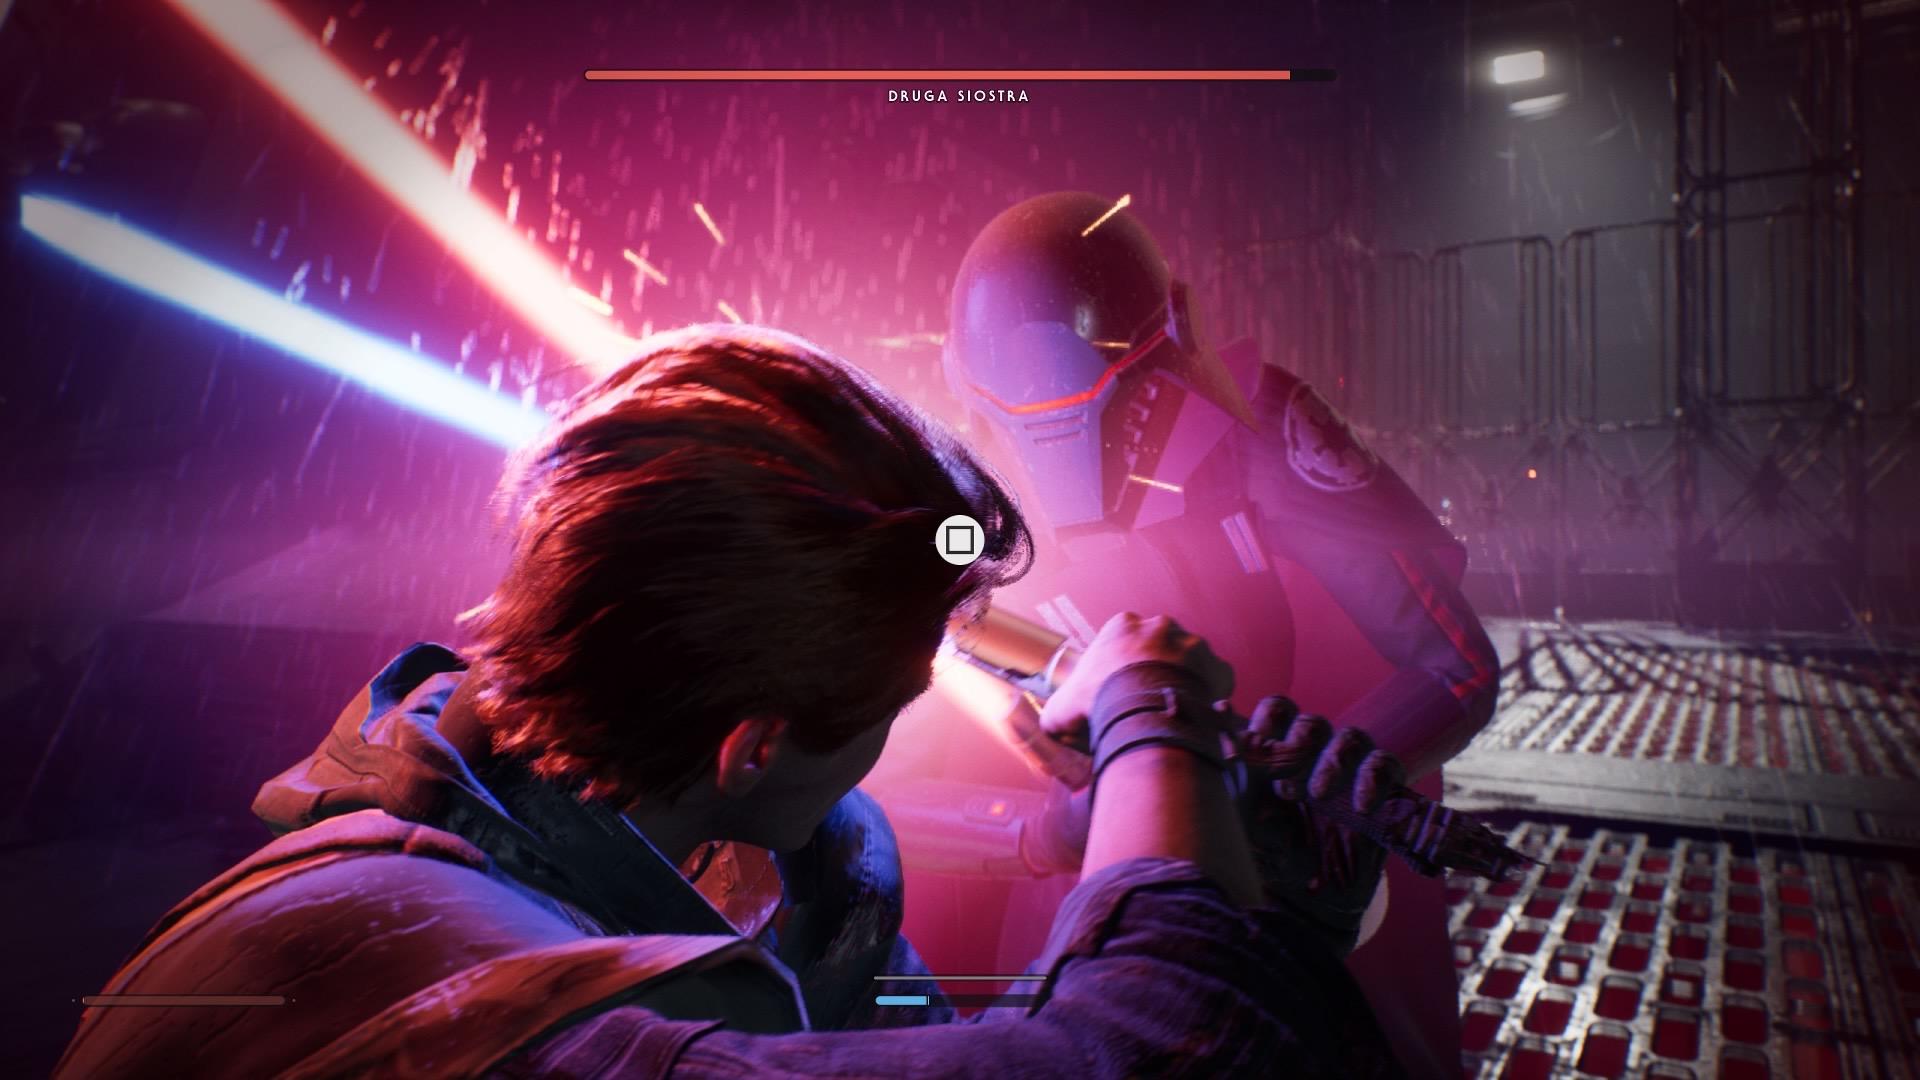 Star Wars Jedi: Fallen ordena oso gogoan du Dark Souls-ek. 5 arimak inspiratutako mekanika nagusiak